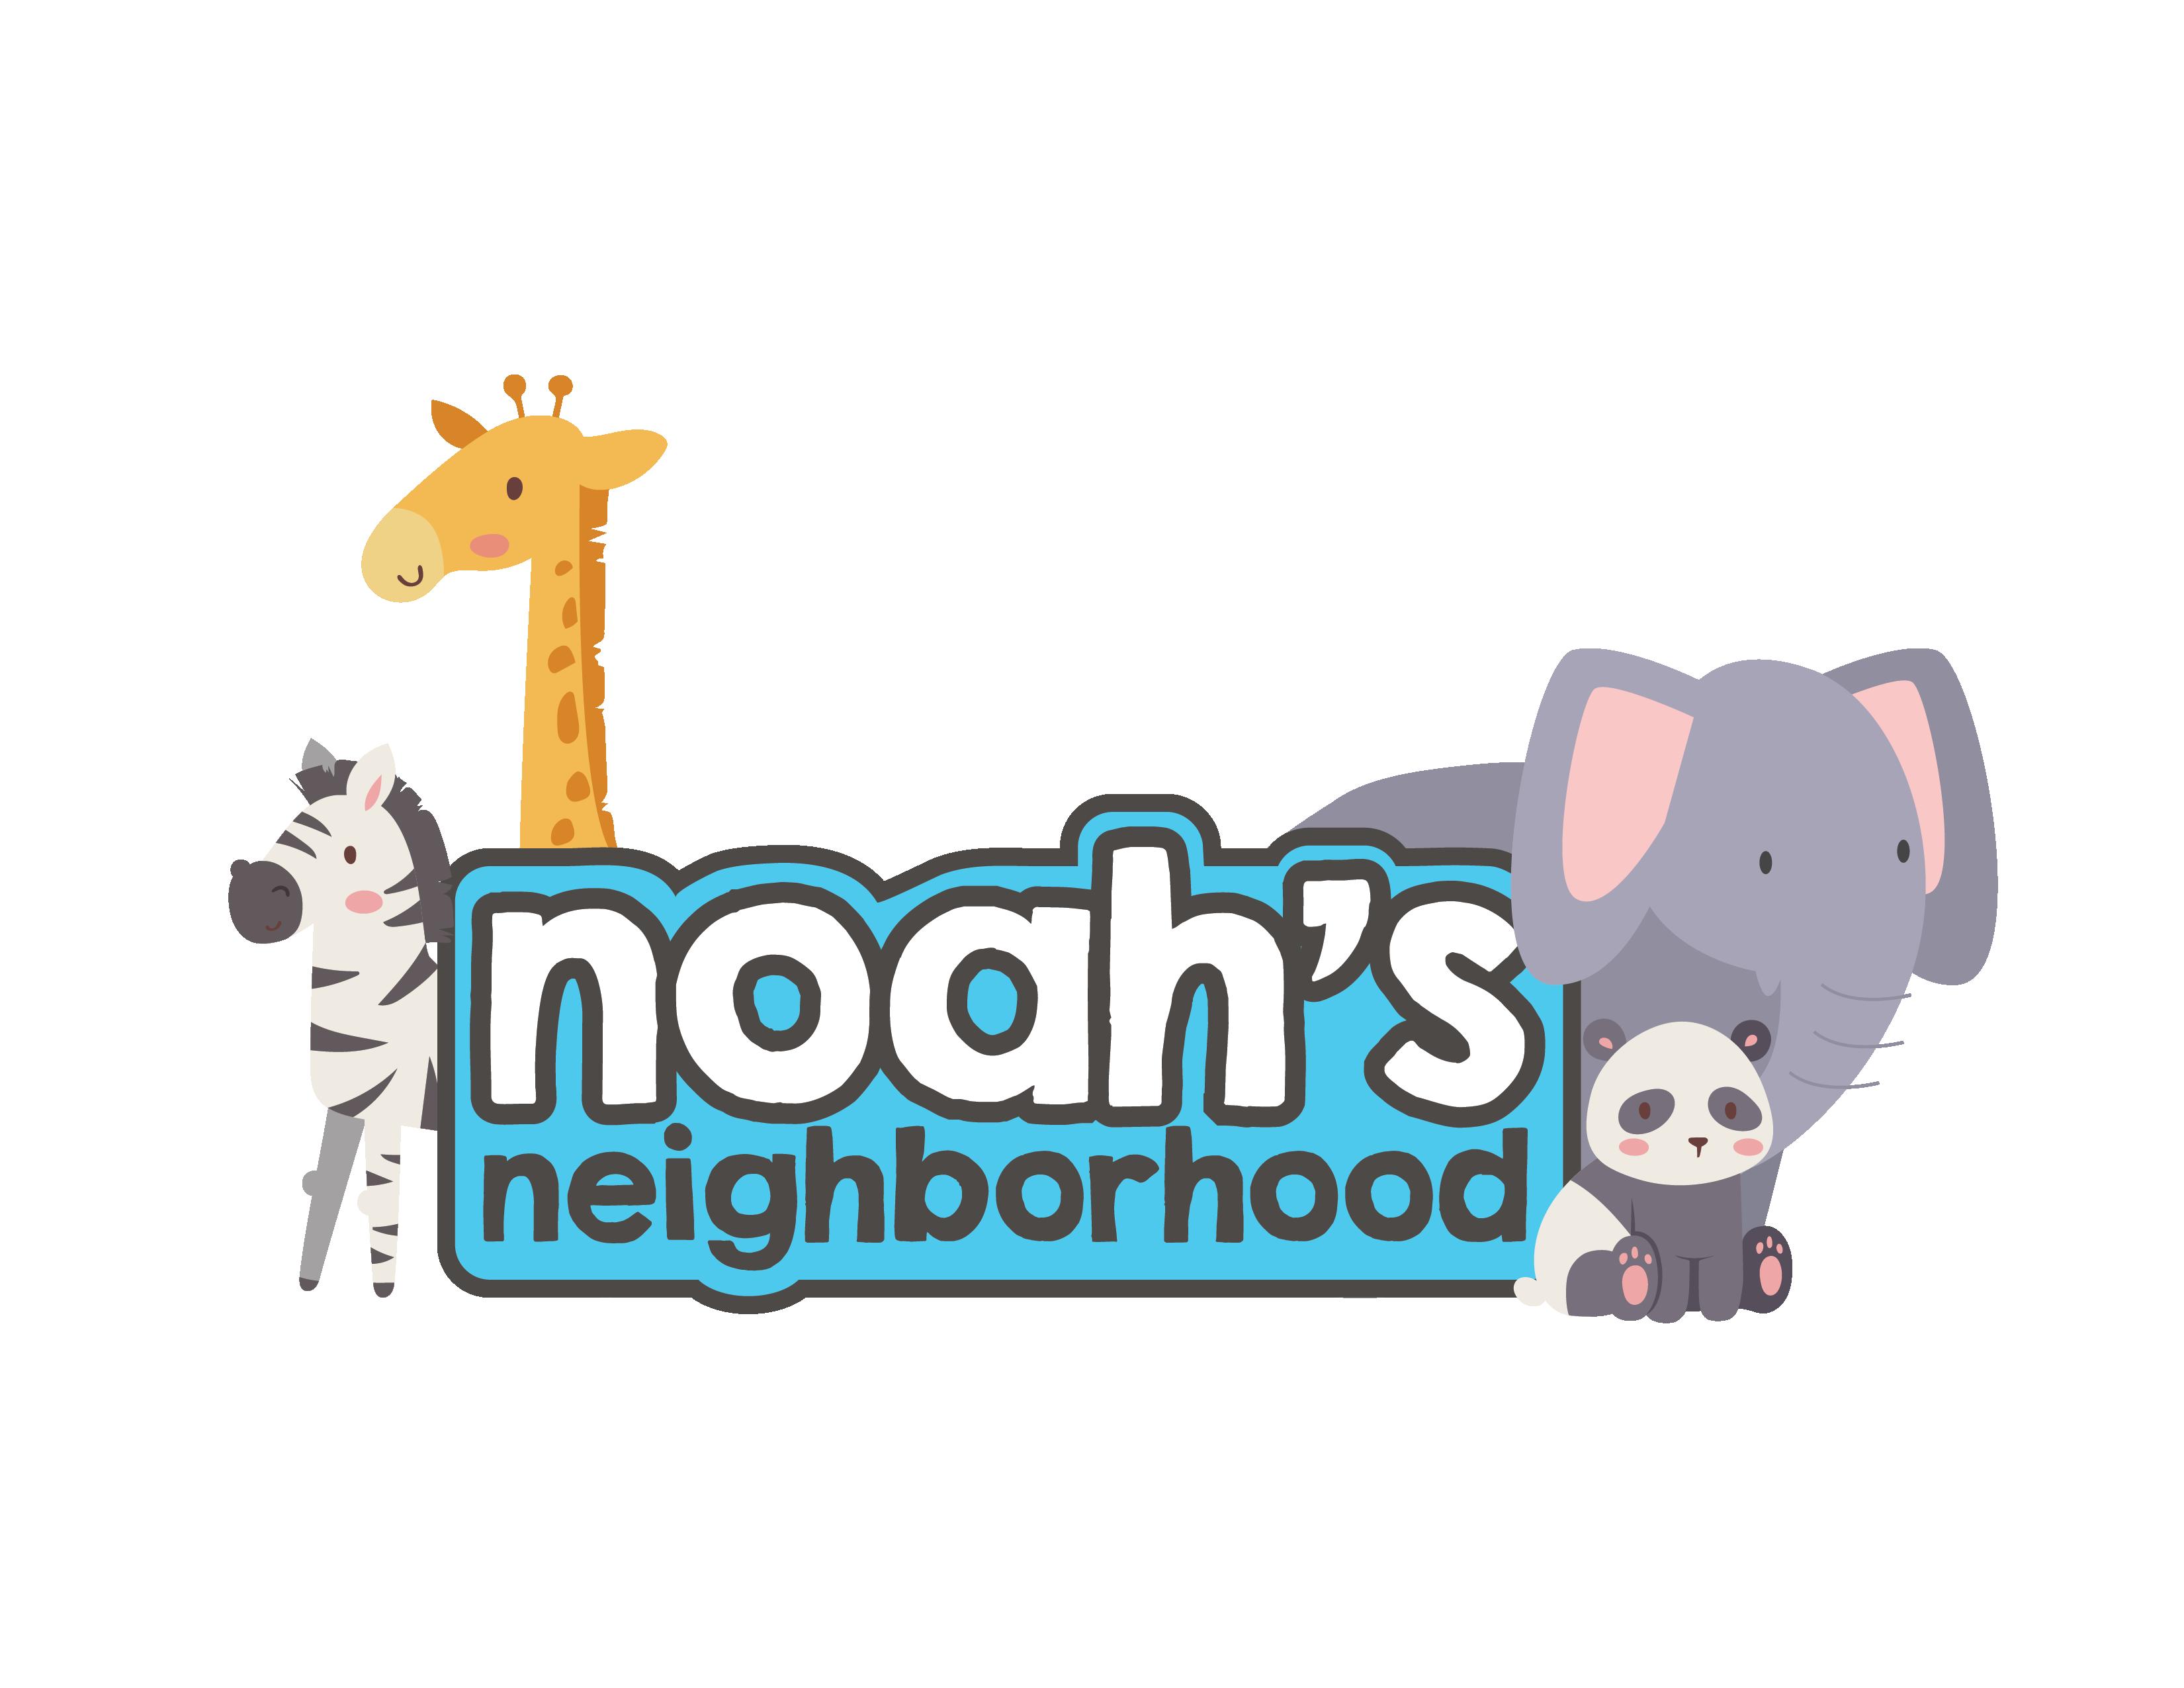 Noah neighborhood id full